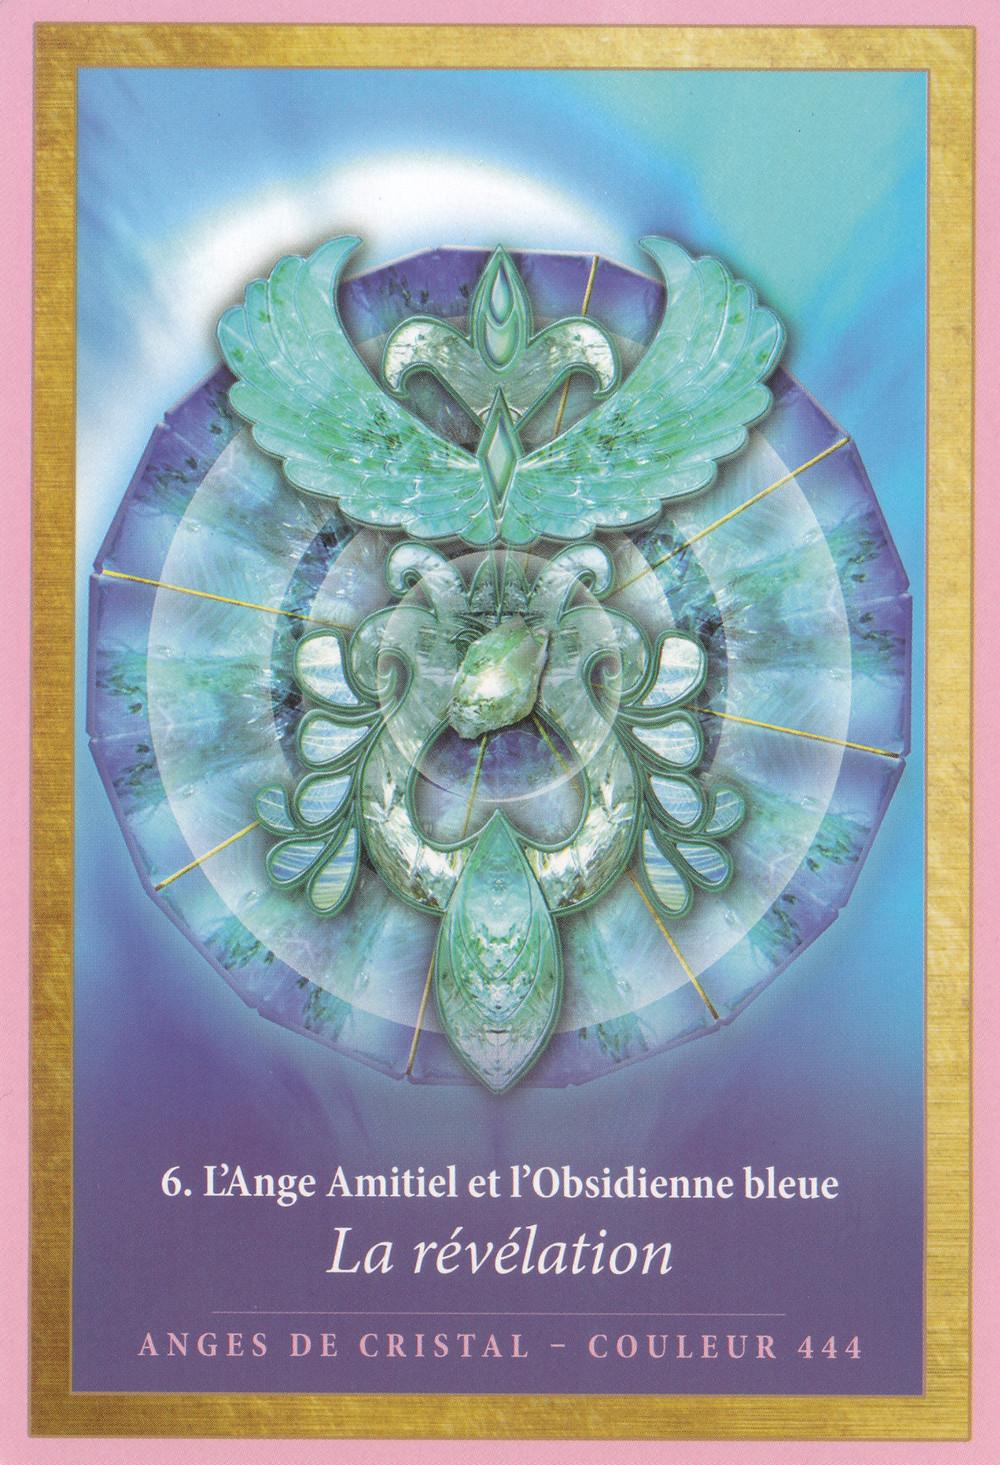 Carte tirée de L'Energie des Anges et des Cristaux d'Alana Fairchild - 6 L'Ange Amitiel et l'Obsidienne bleur, La Révélation - Energies du 18-19-20 octobre : L'heure de la Vérité à sonné, il est temps de Se Révéler !